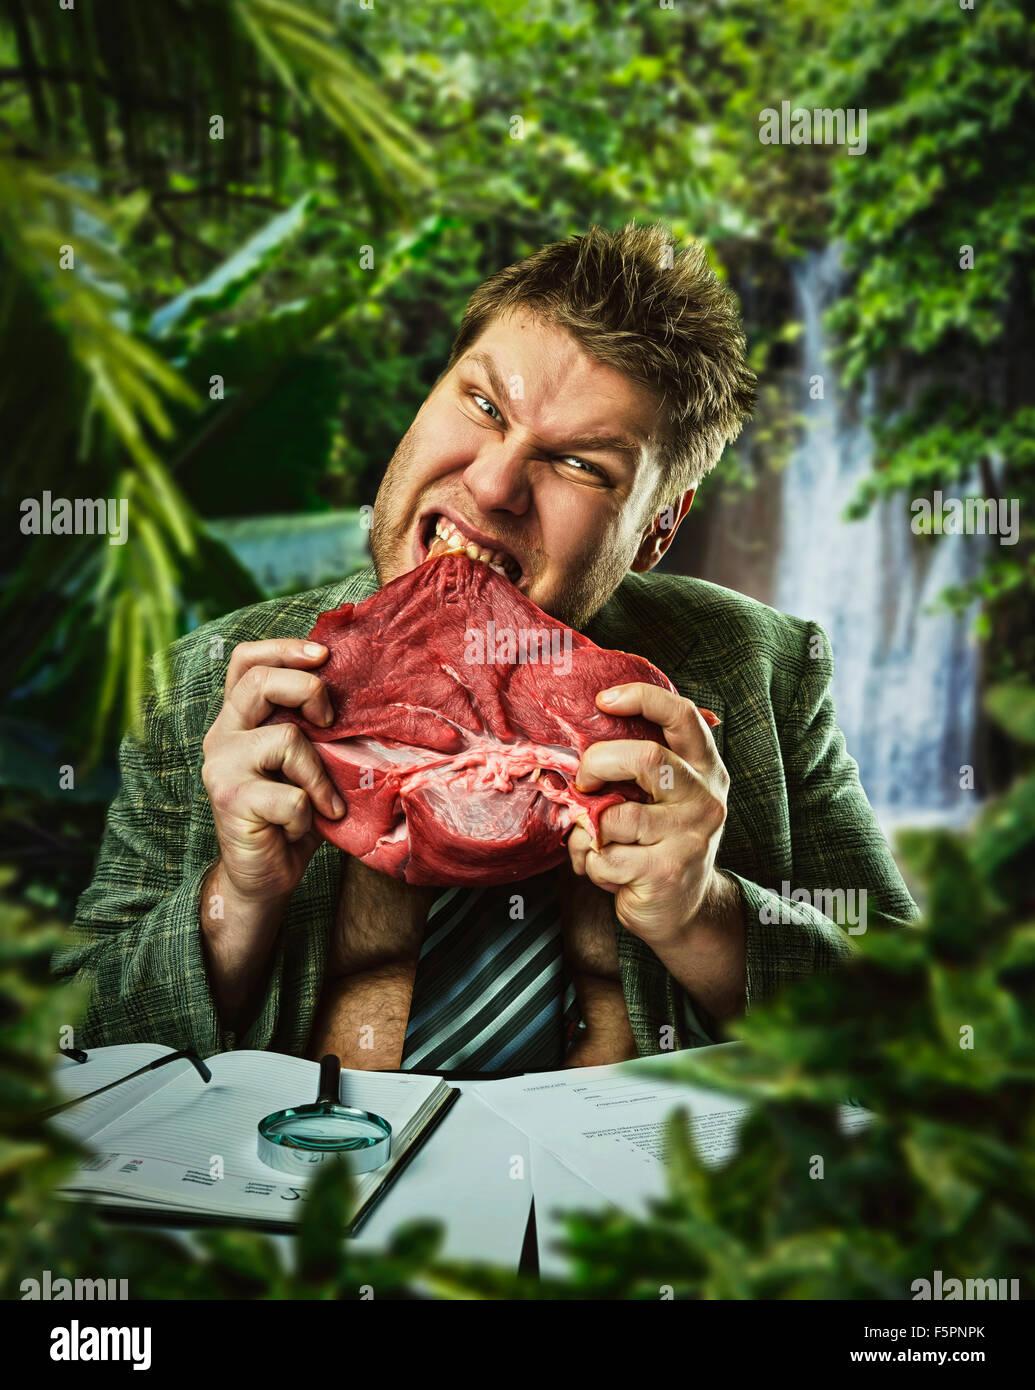 Hungriger Mann ist rotes Fleisch essen Stockbild